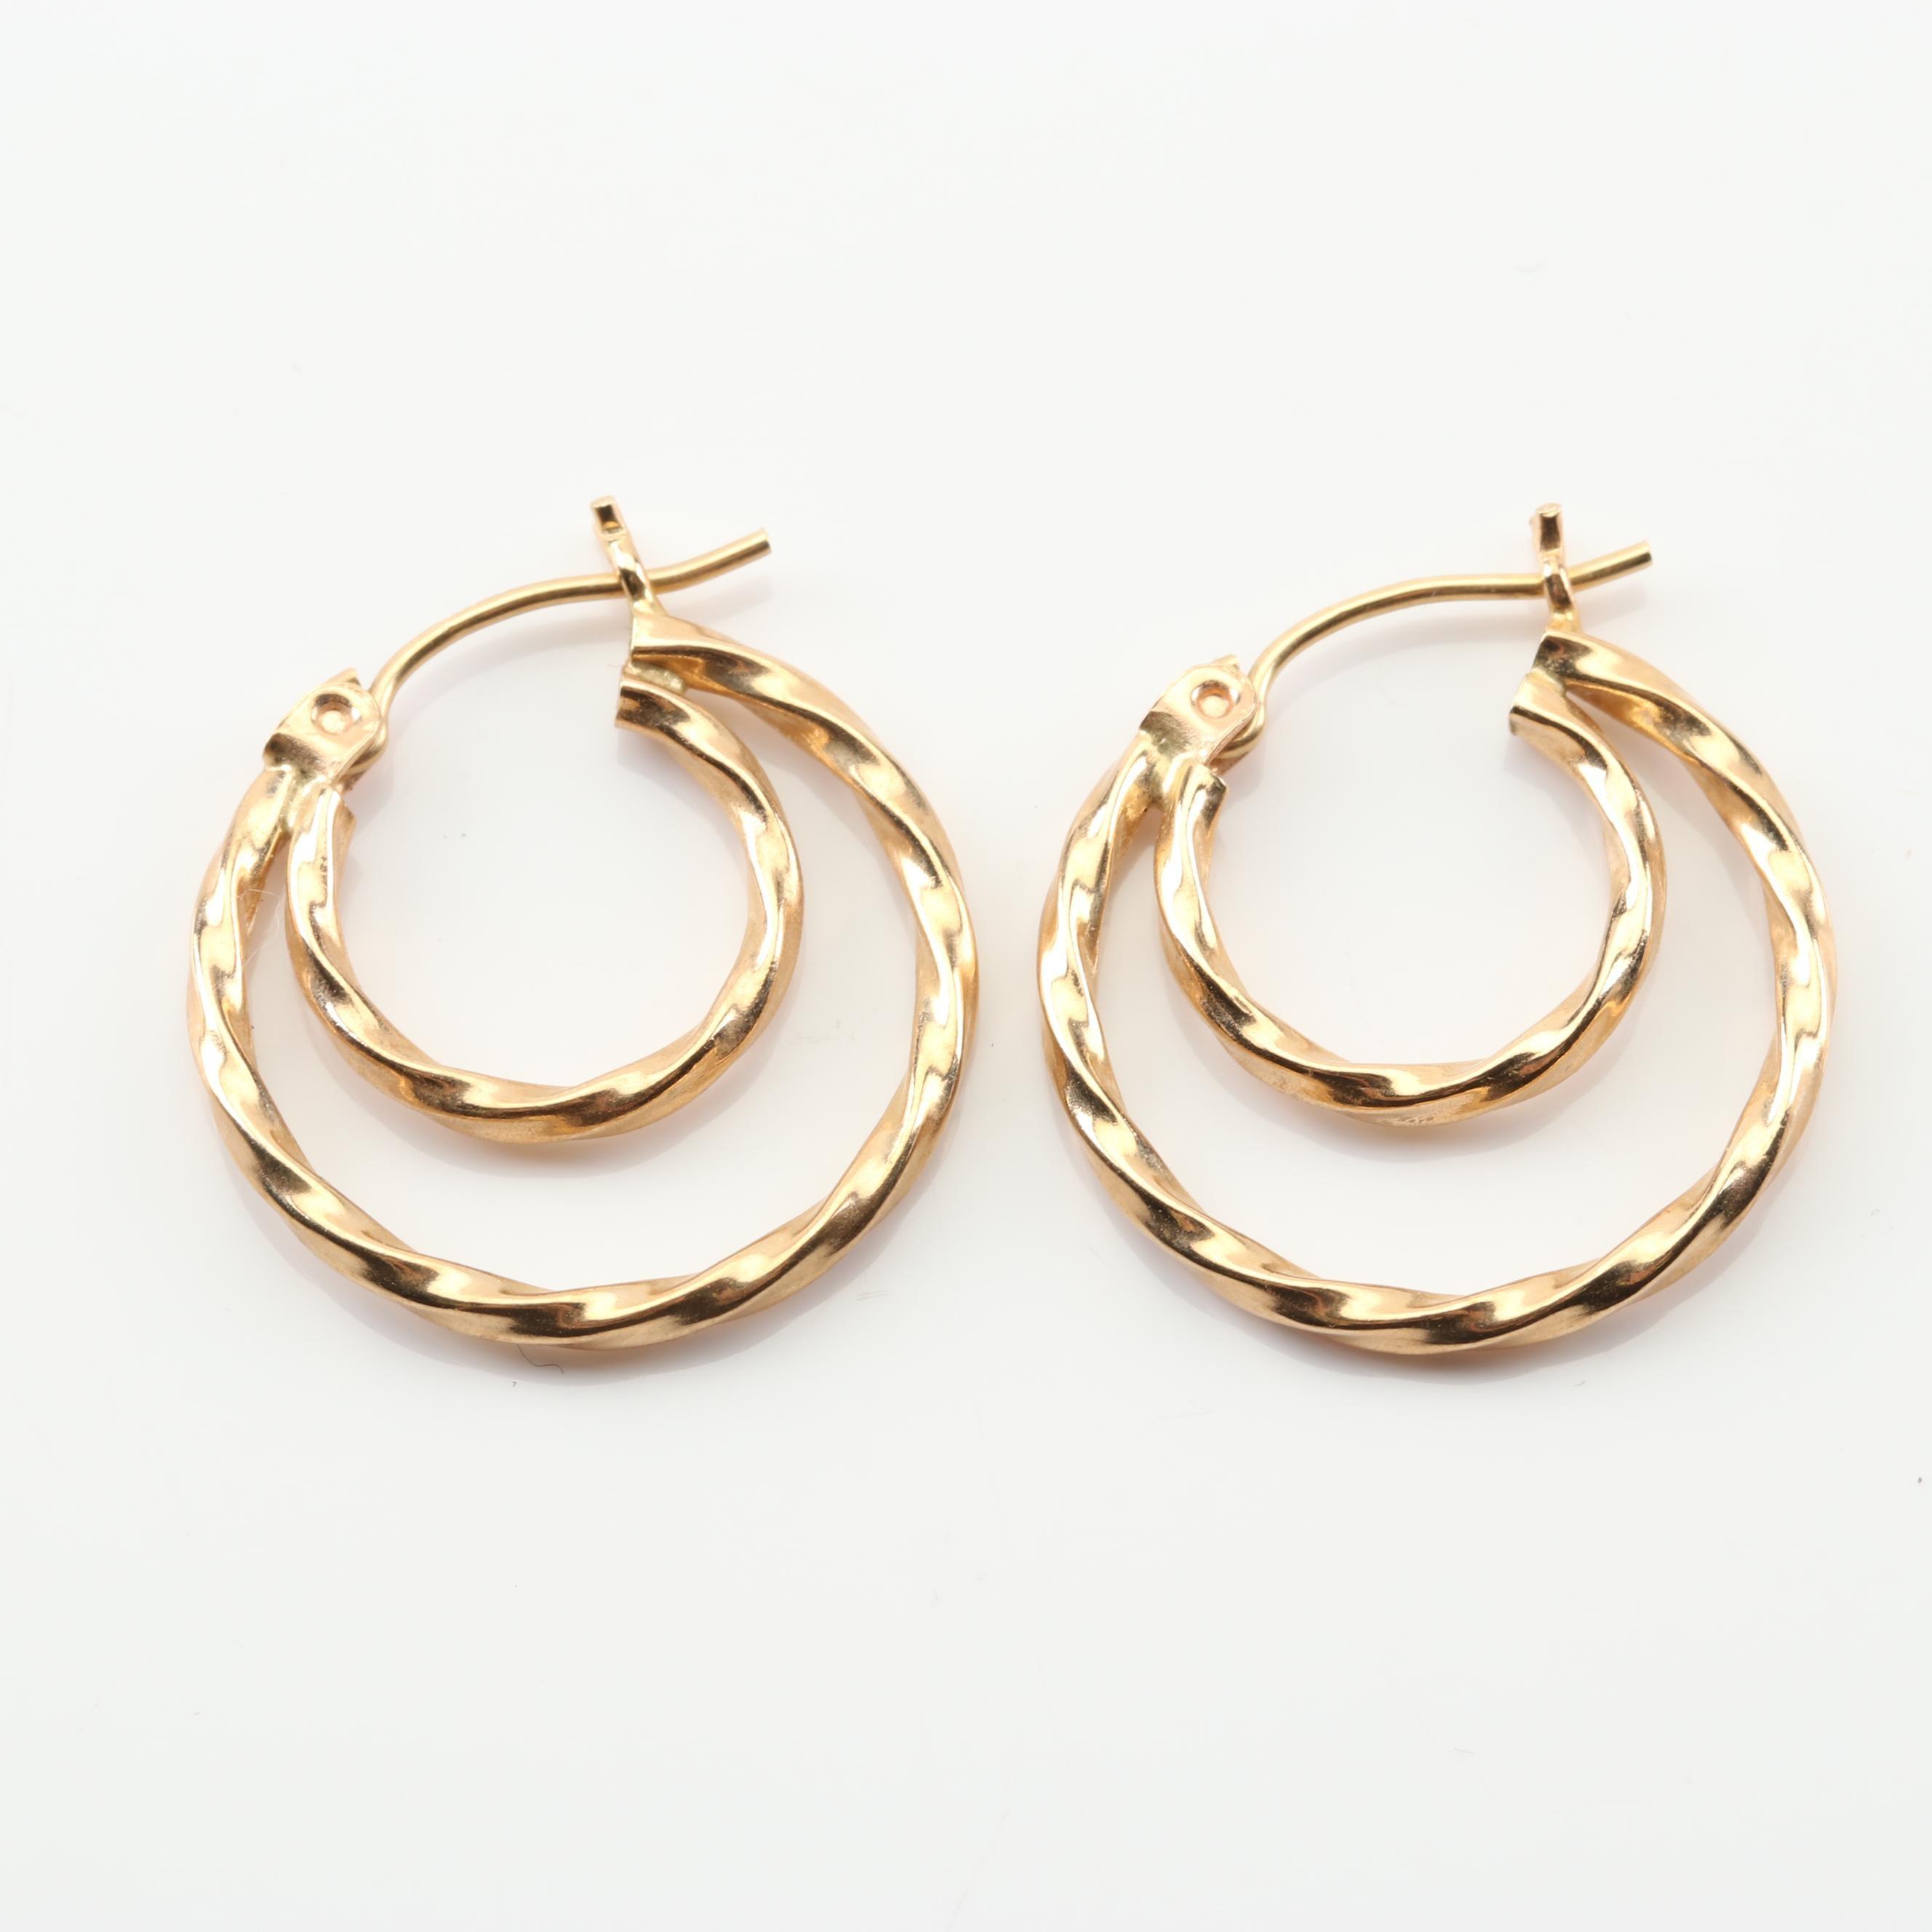 14K Yellow Gold Double Hoop Earrings